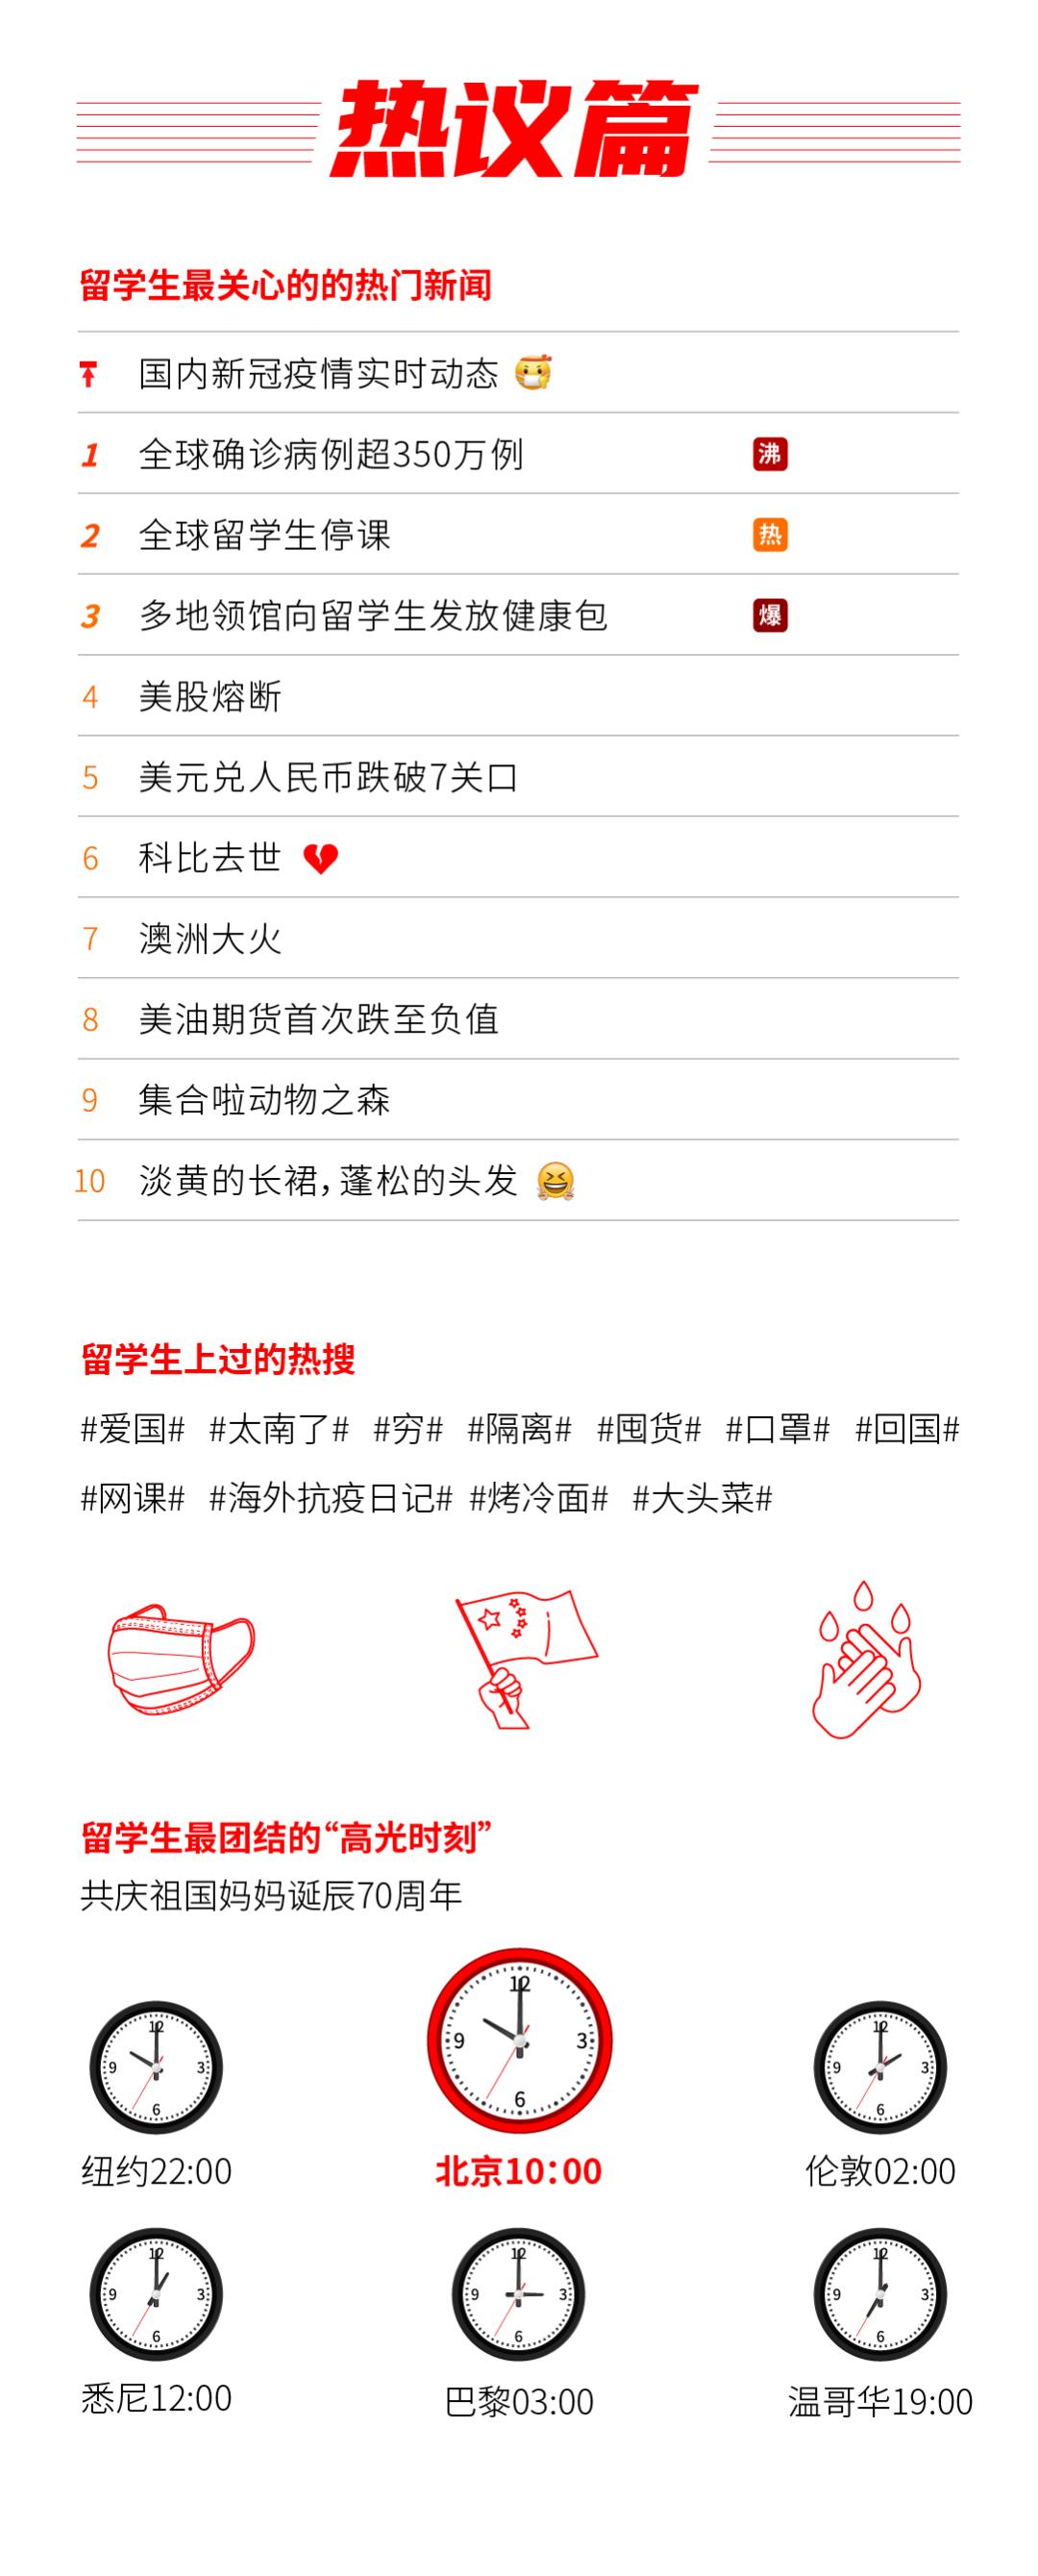 留学大数据《2020中国留学白皮书》中国留学生数目美澳加排前3  数据 第10张